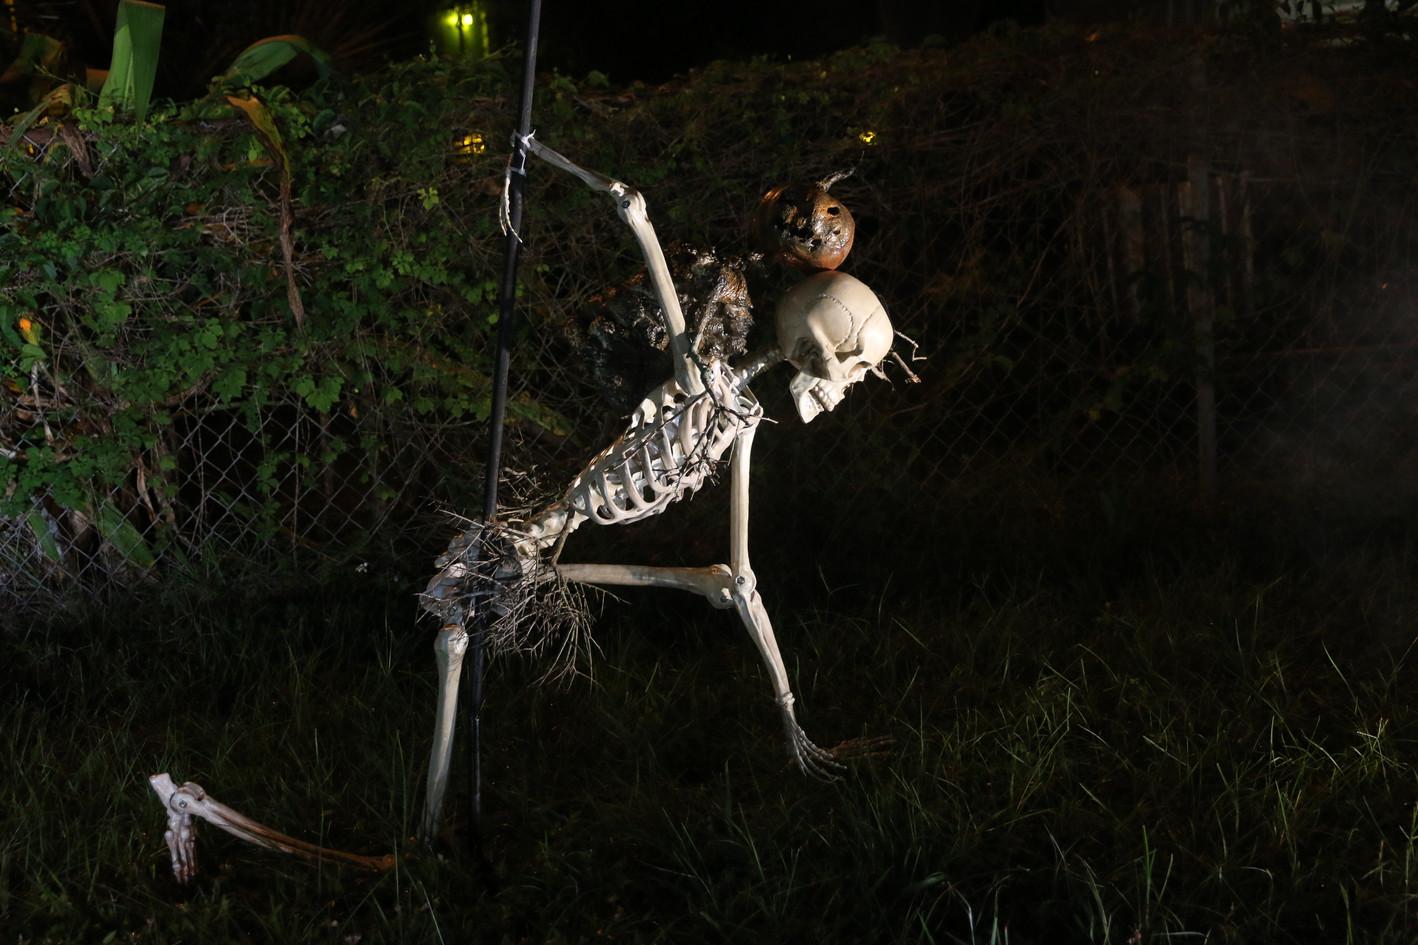 Pumpkin man takes down a skeleton